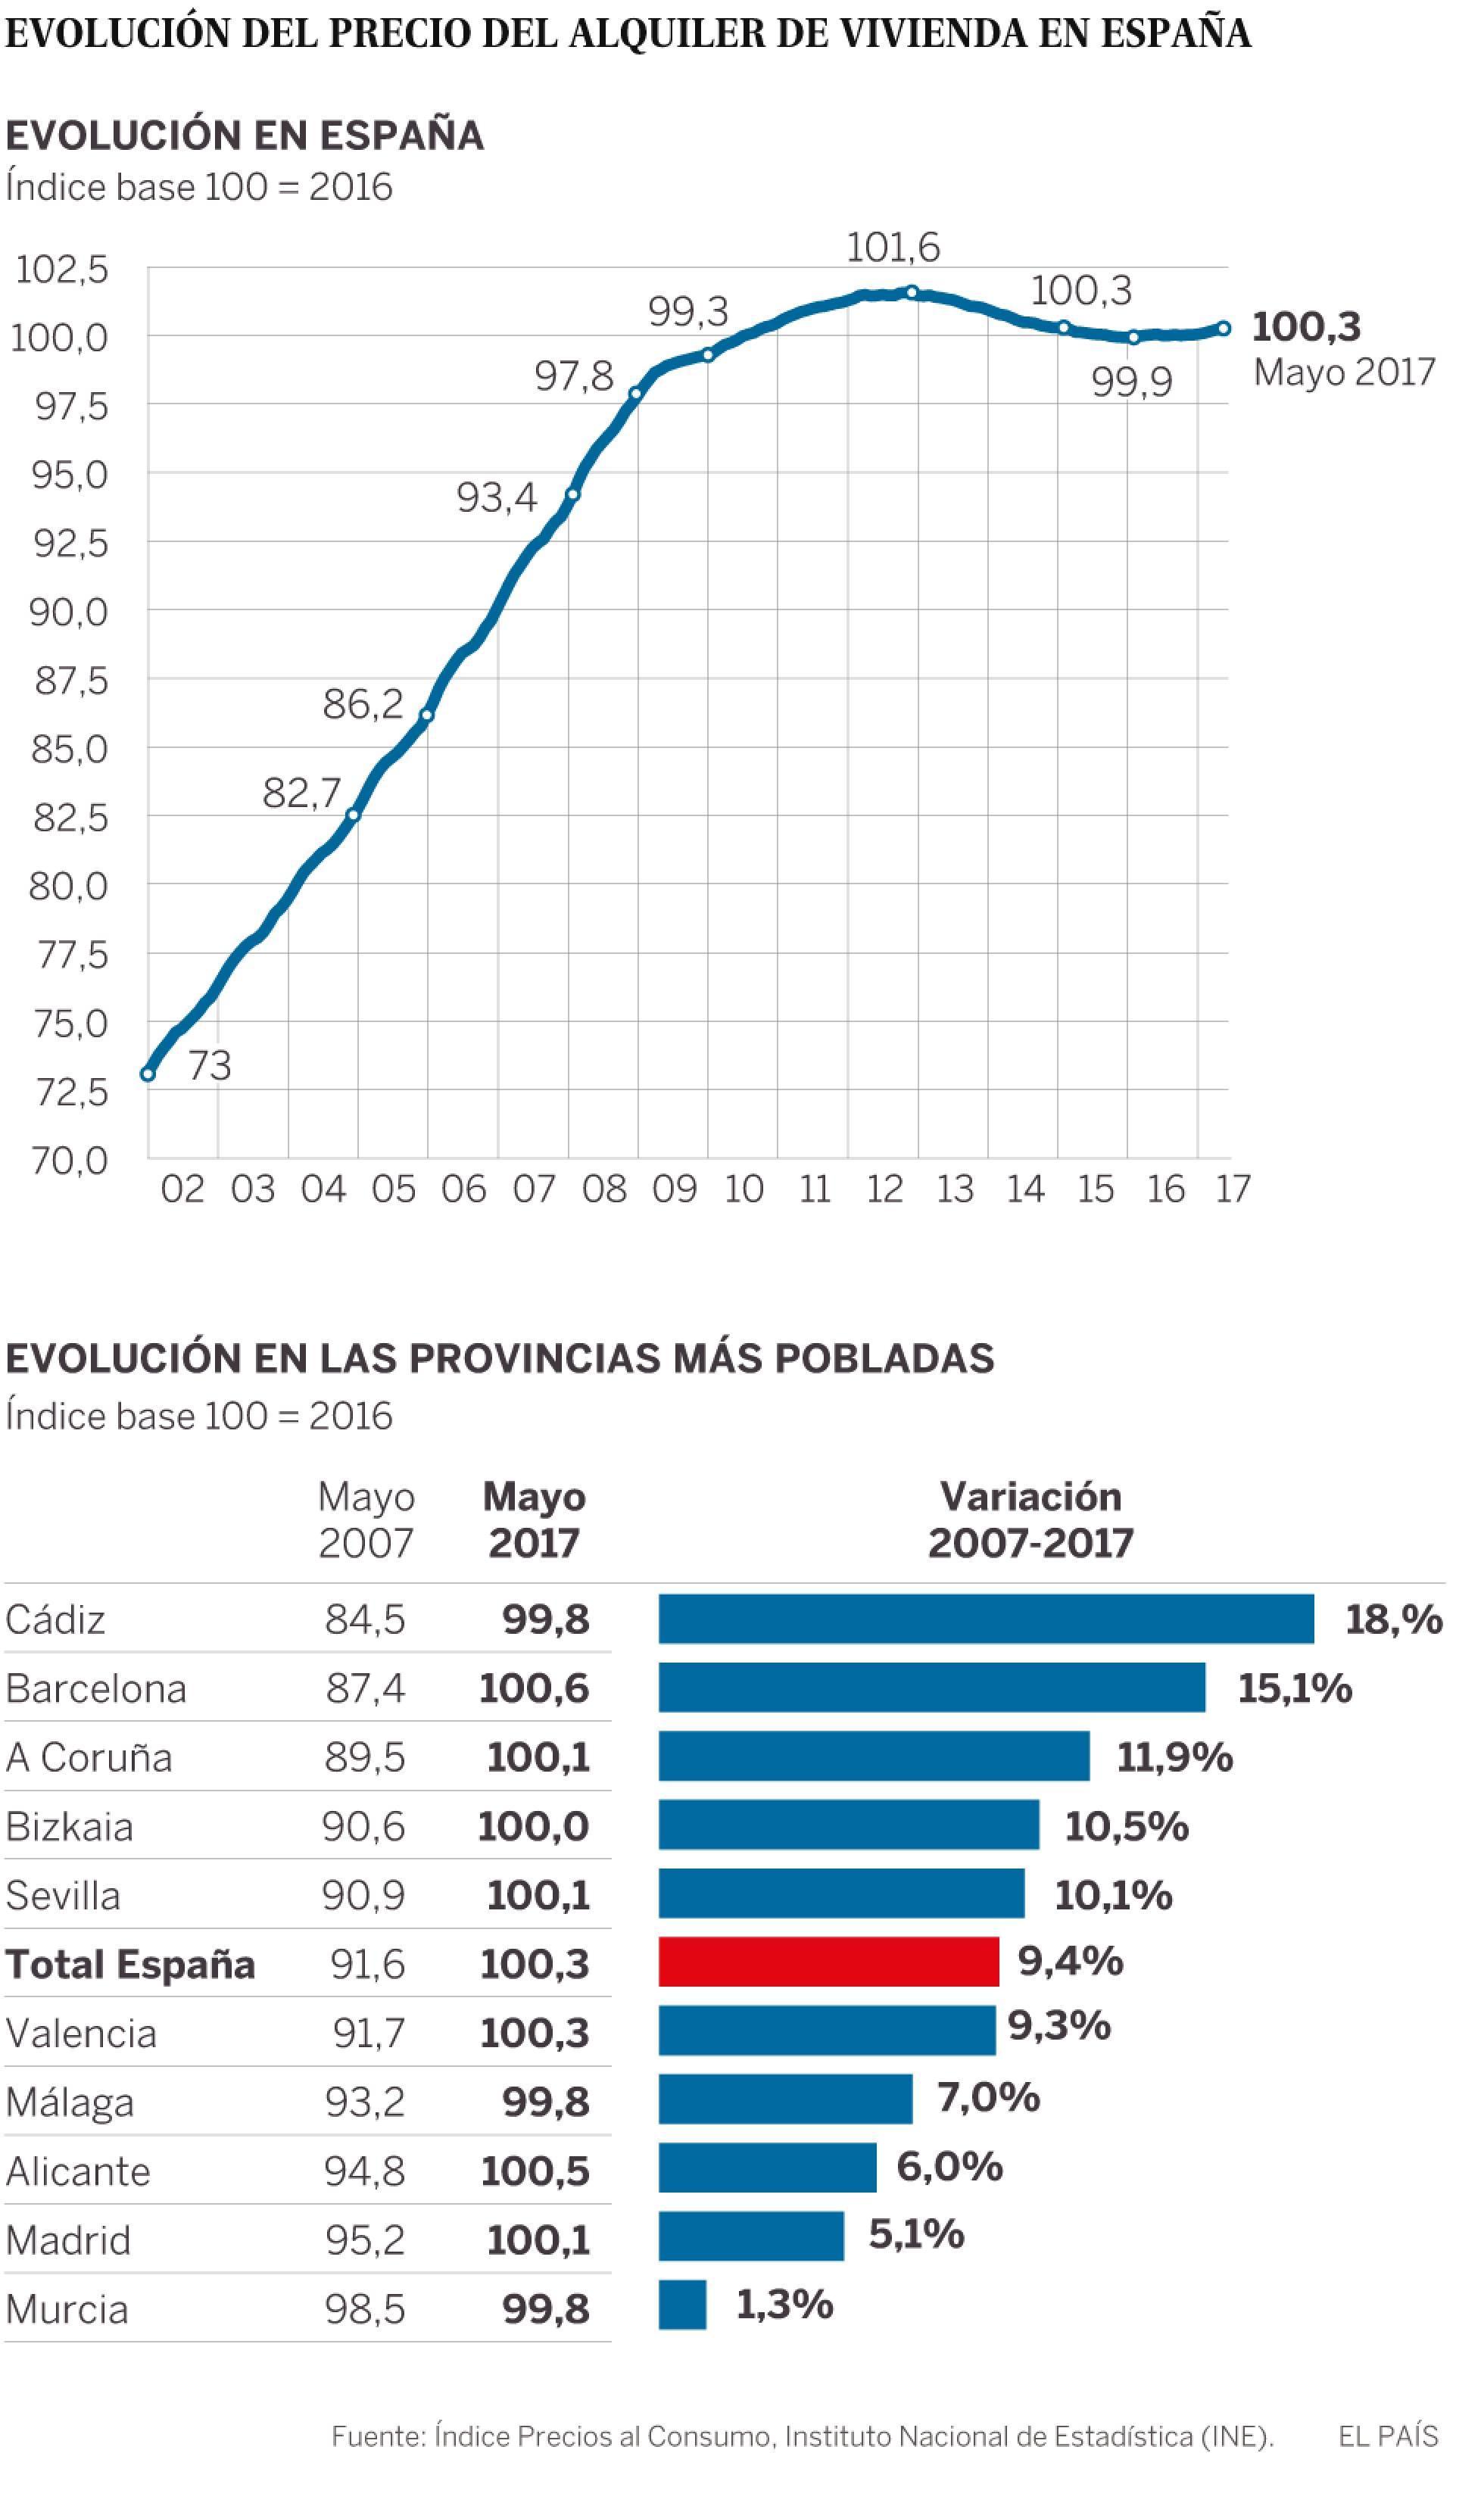 Realidades de la vivienda en el capitalismo español. Luchas contra los desahucios de viviendas. Inversiones y mercado inmobiliario - Página 19 1498935162_354554_1498936049_sumario_normal_recorte1